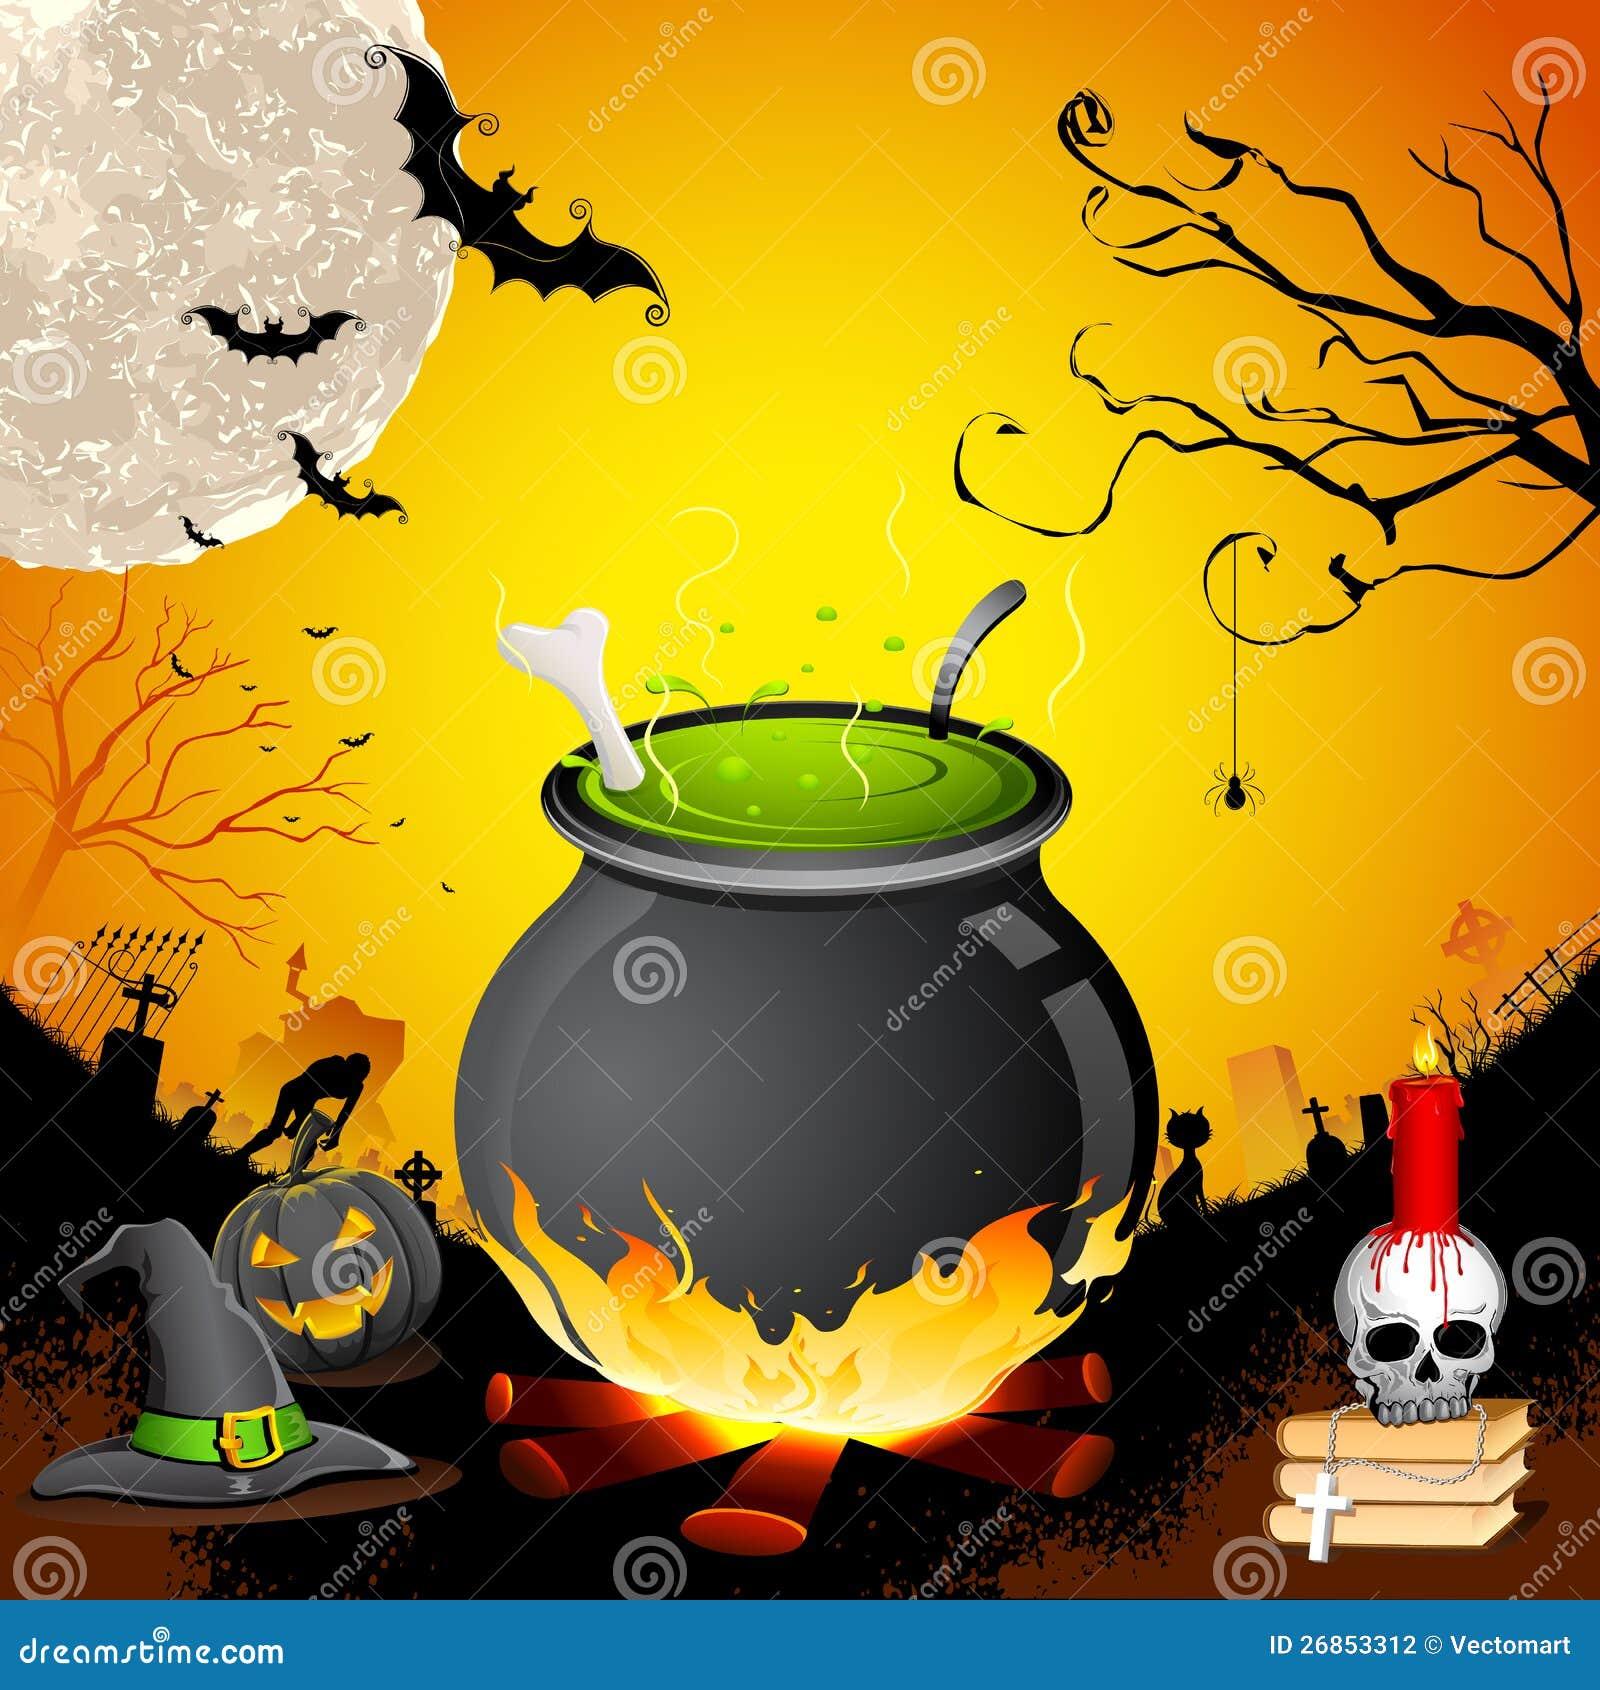 spooky halloween cooking games